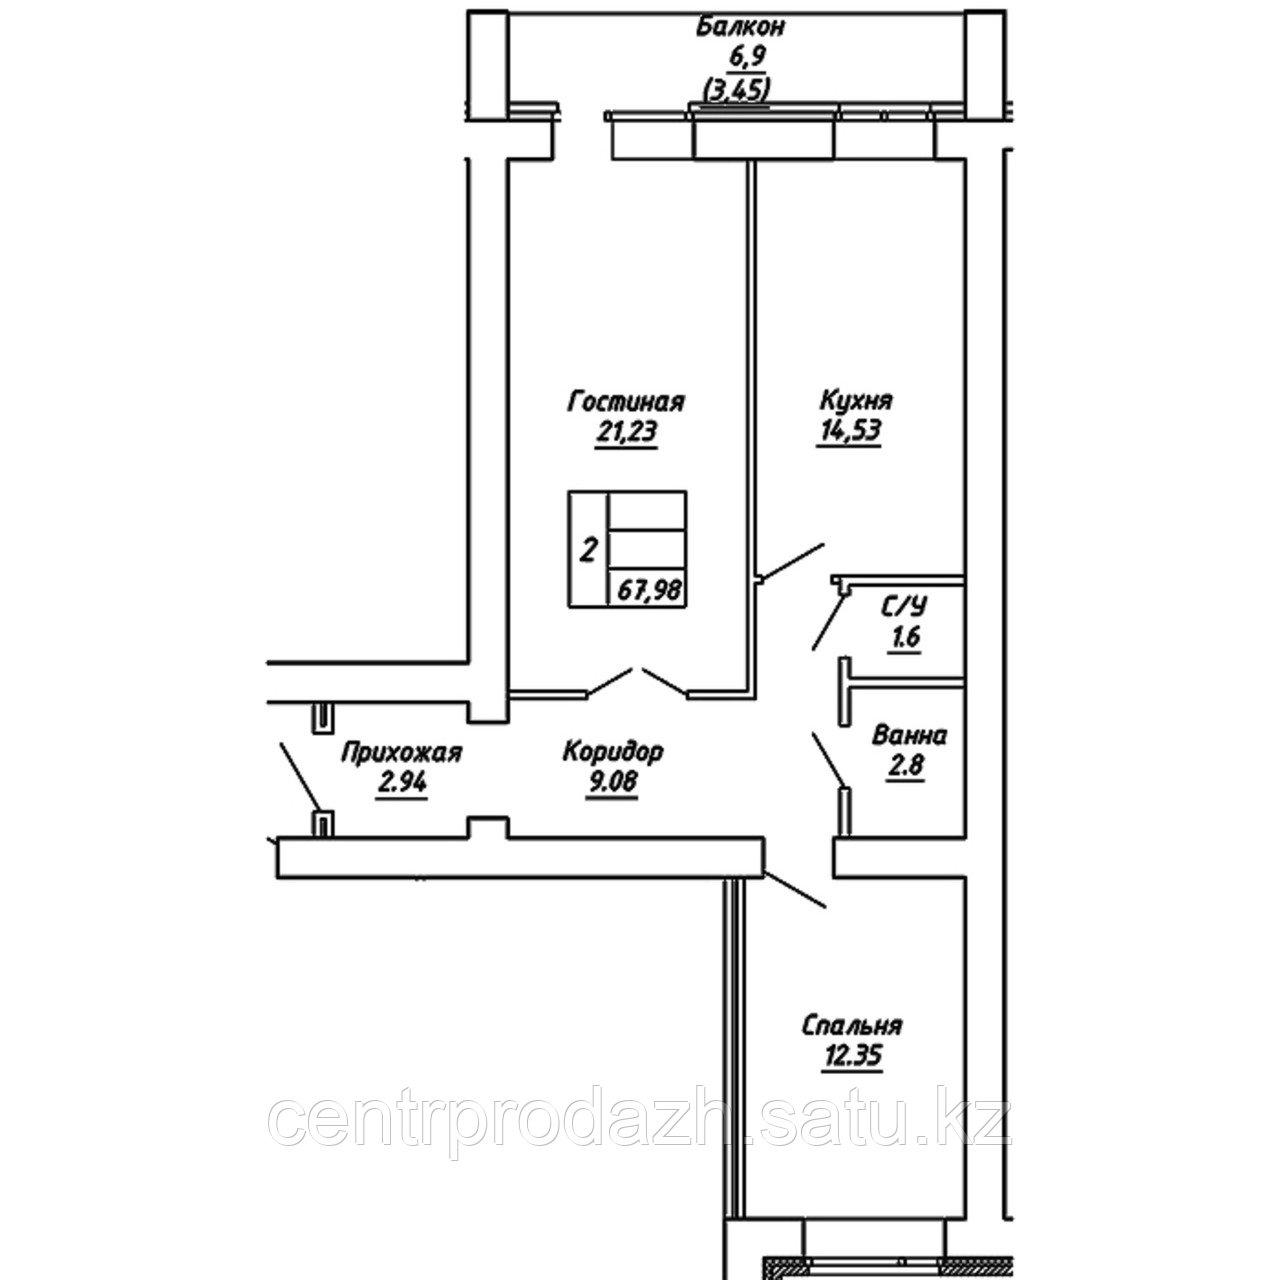 2 комнатная квартира в ЖК  Brussel 2 67.98 м²